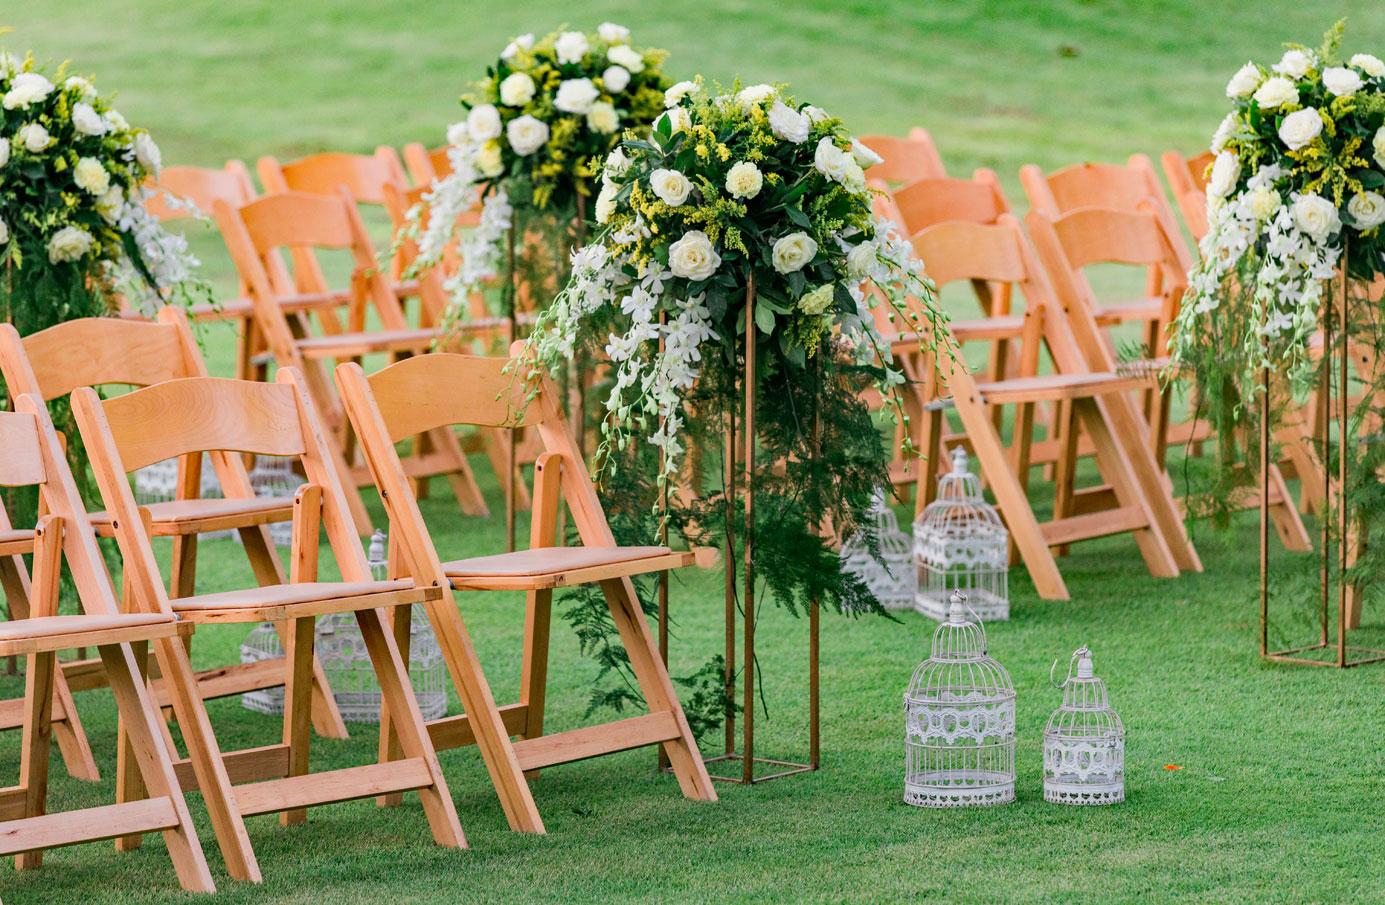 cebu-wedding-garden (3)